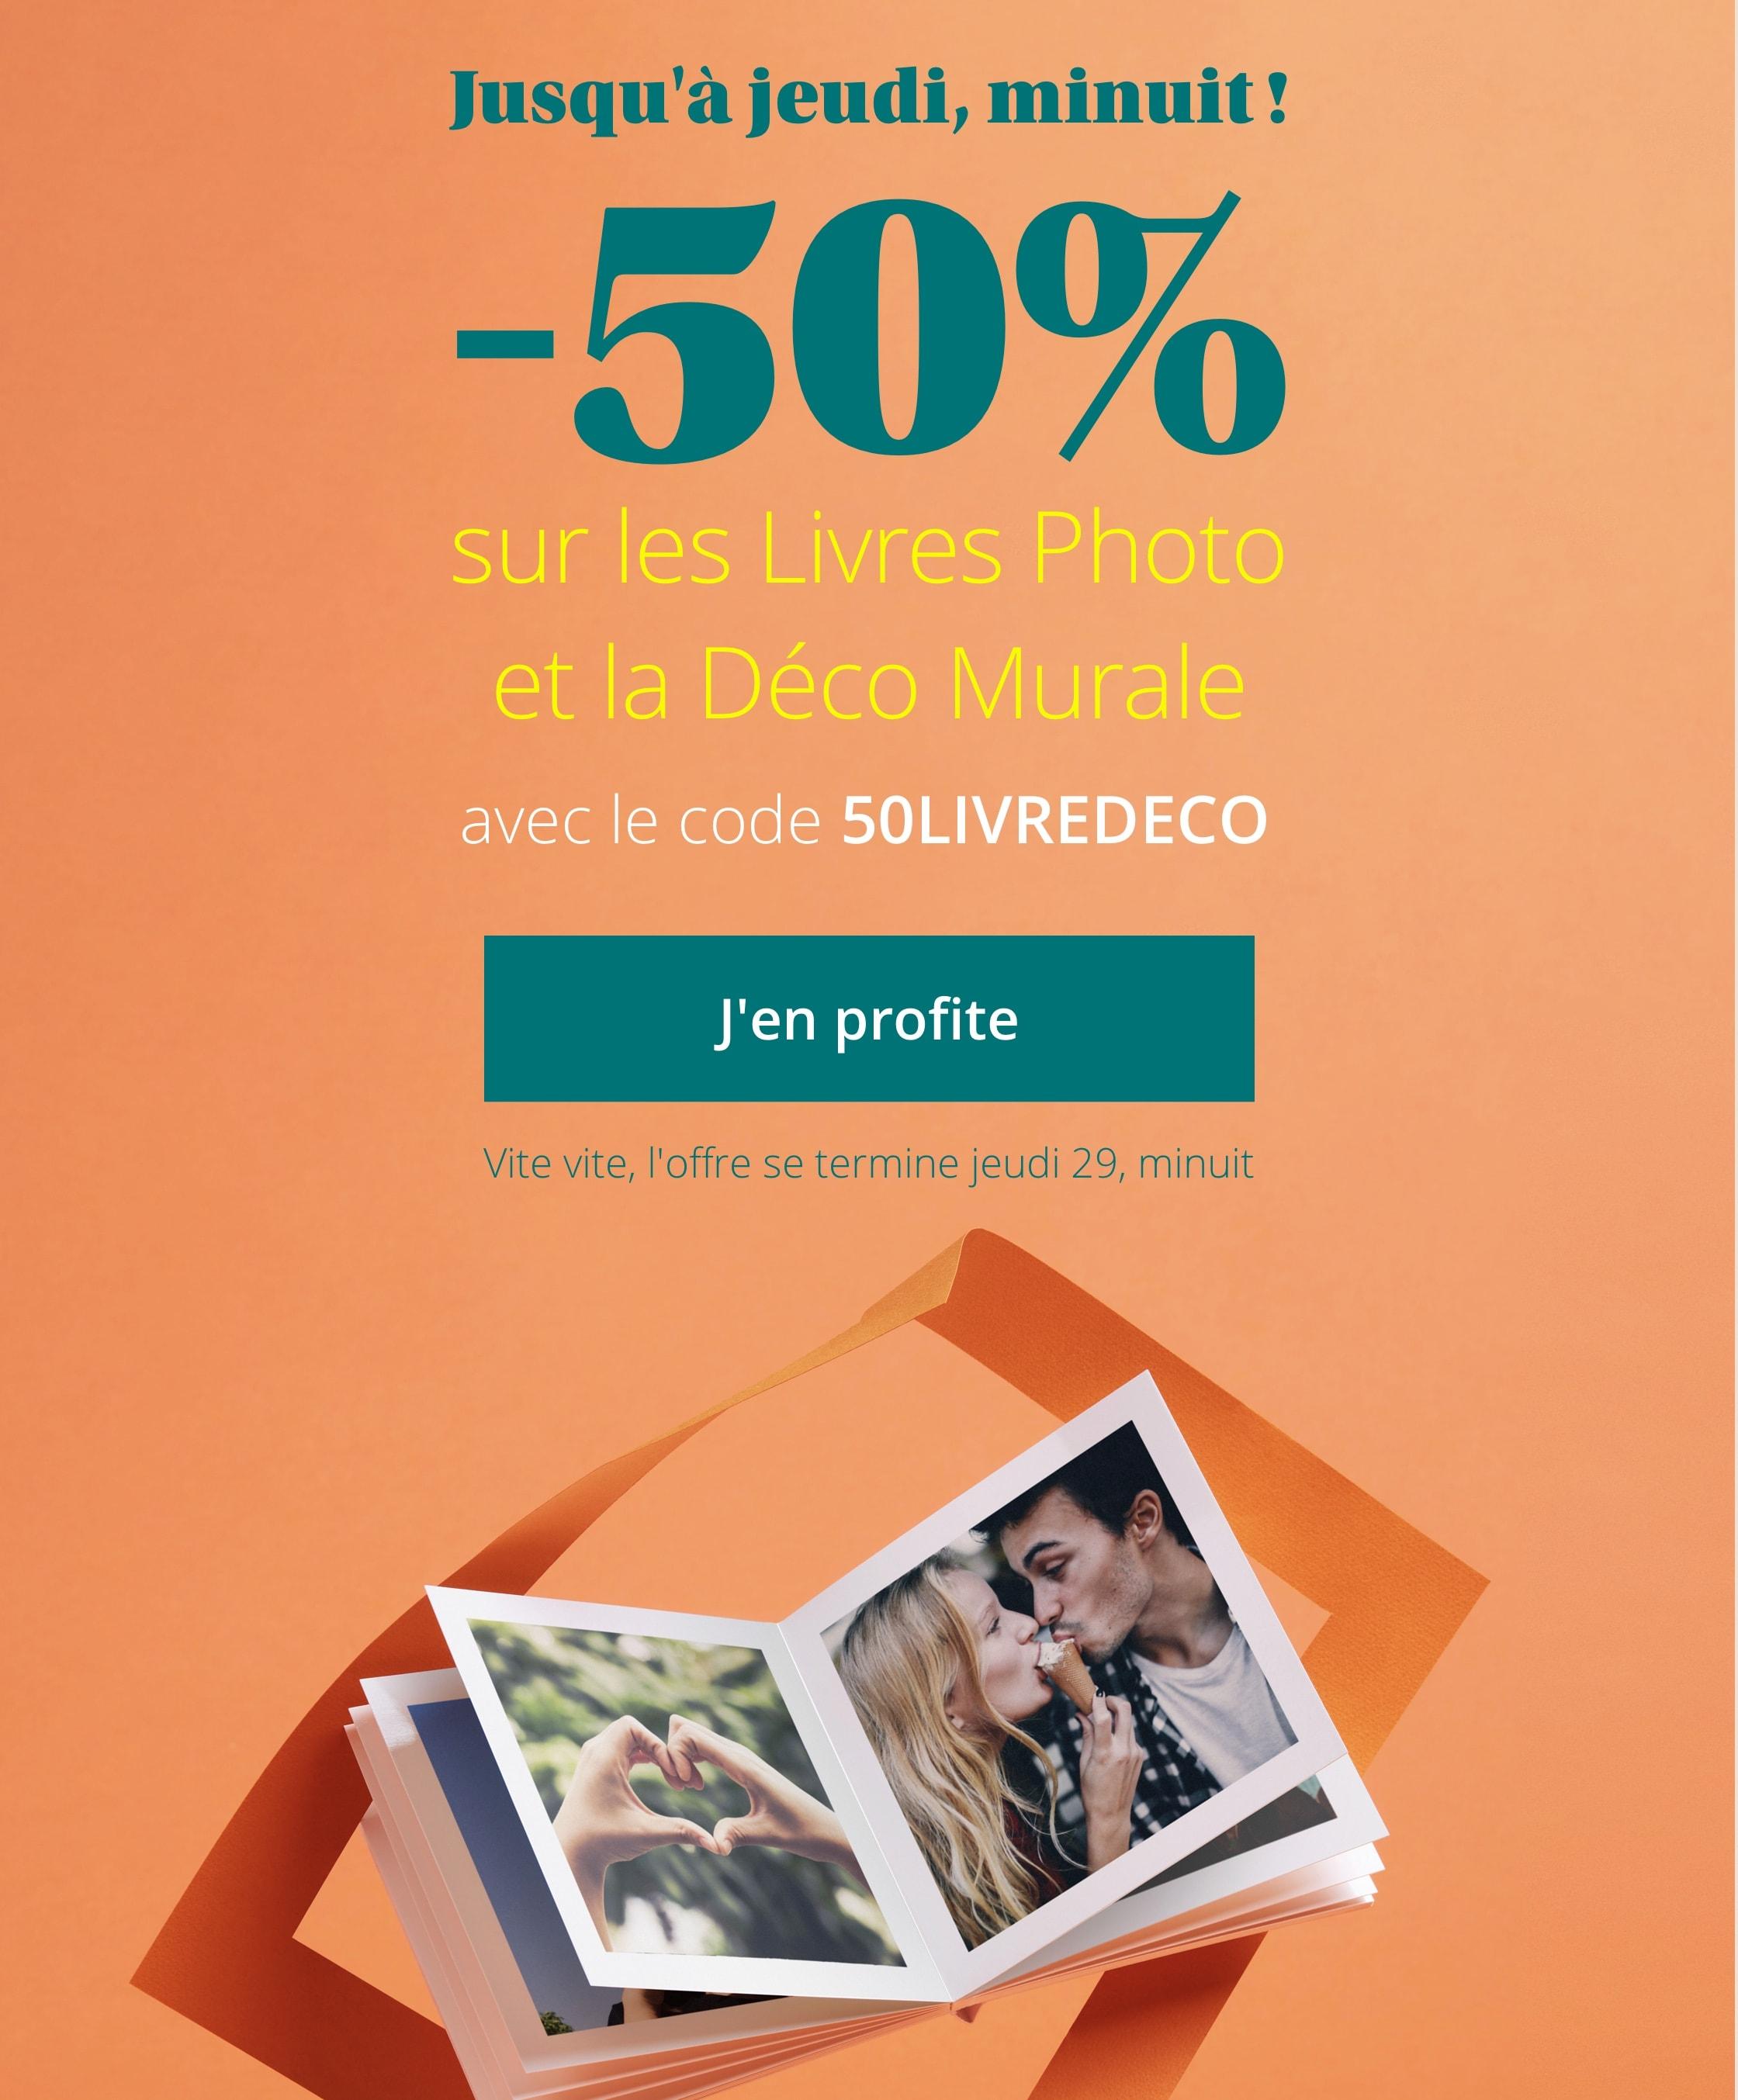 -50% sur les Livres Photo et la Déco Murale